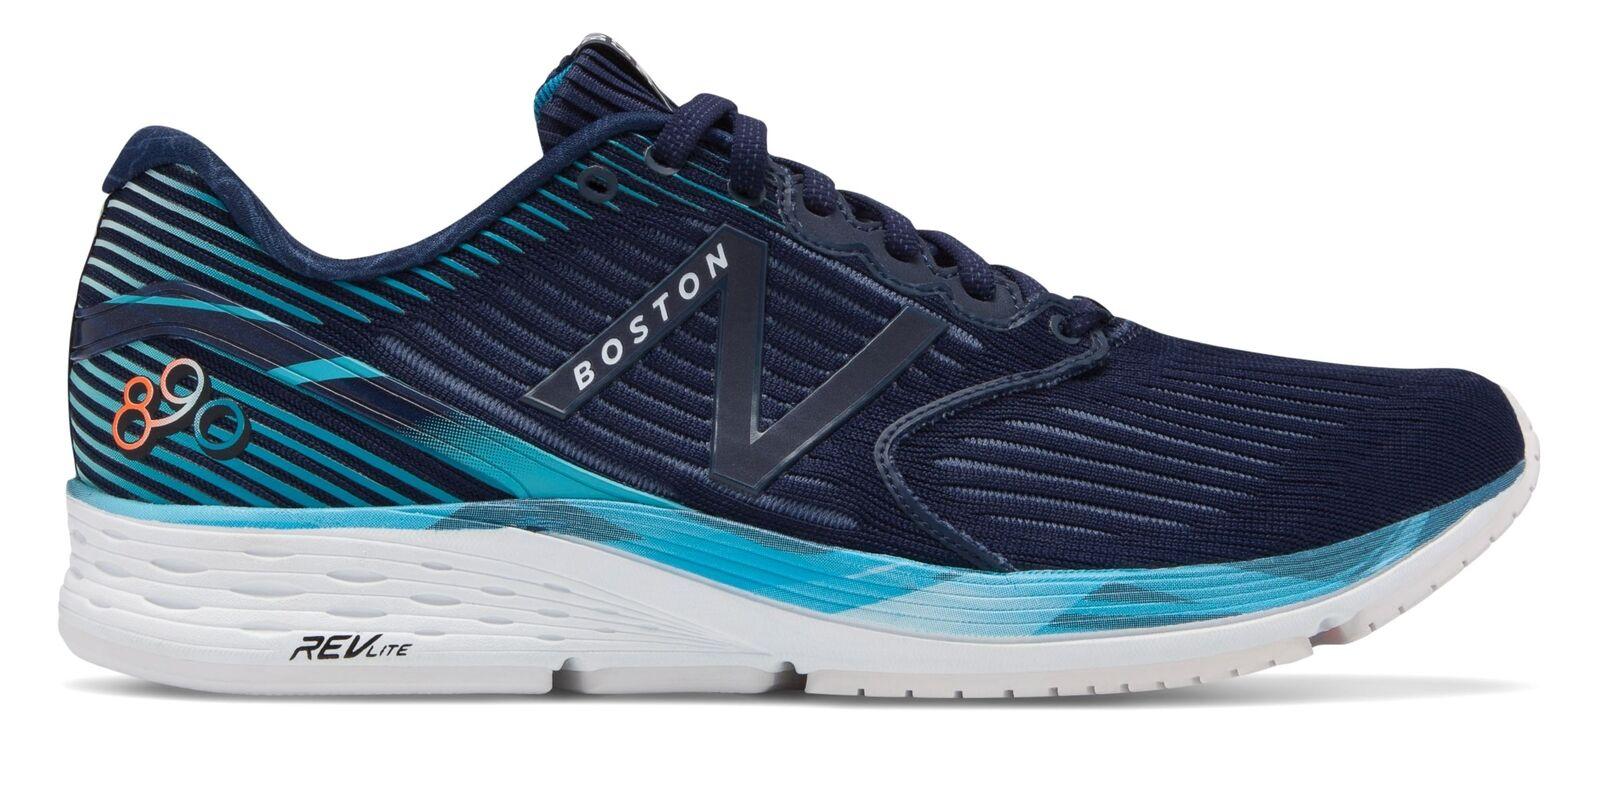 New Balance De Mujer Zapatos 890v6 BOSTON azul azul azul marino con Navy eff6ed